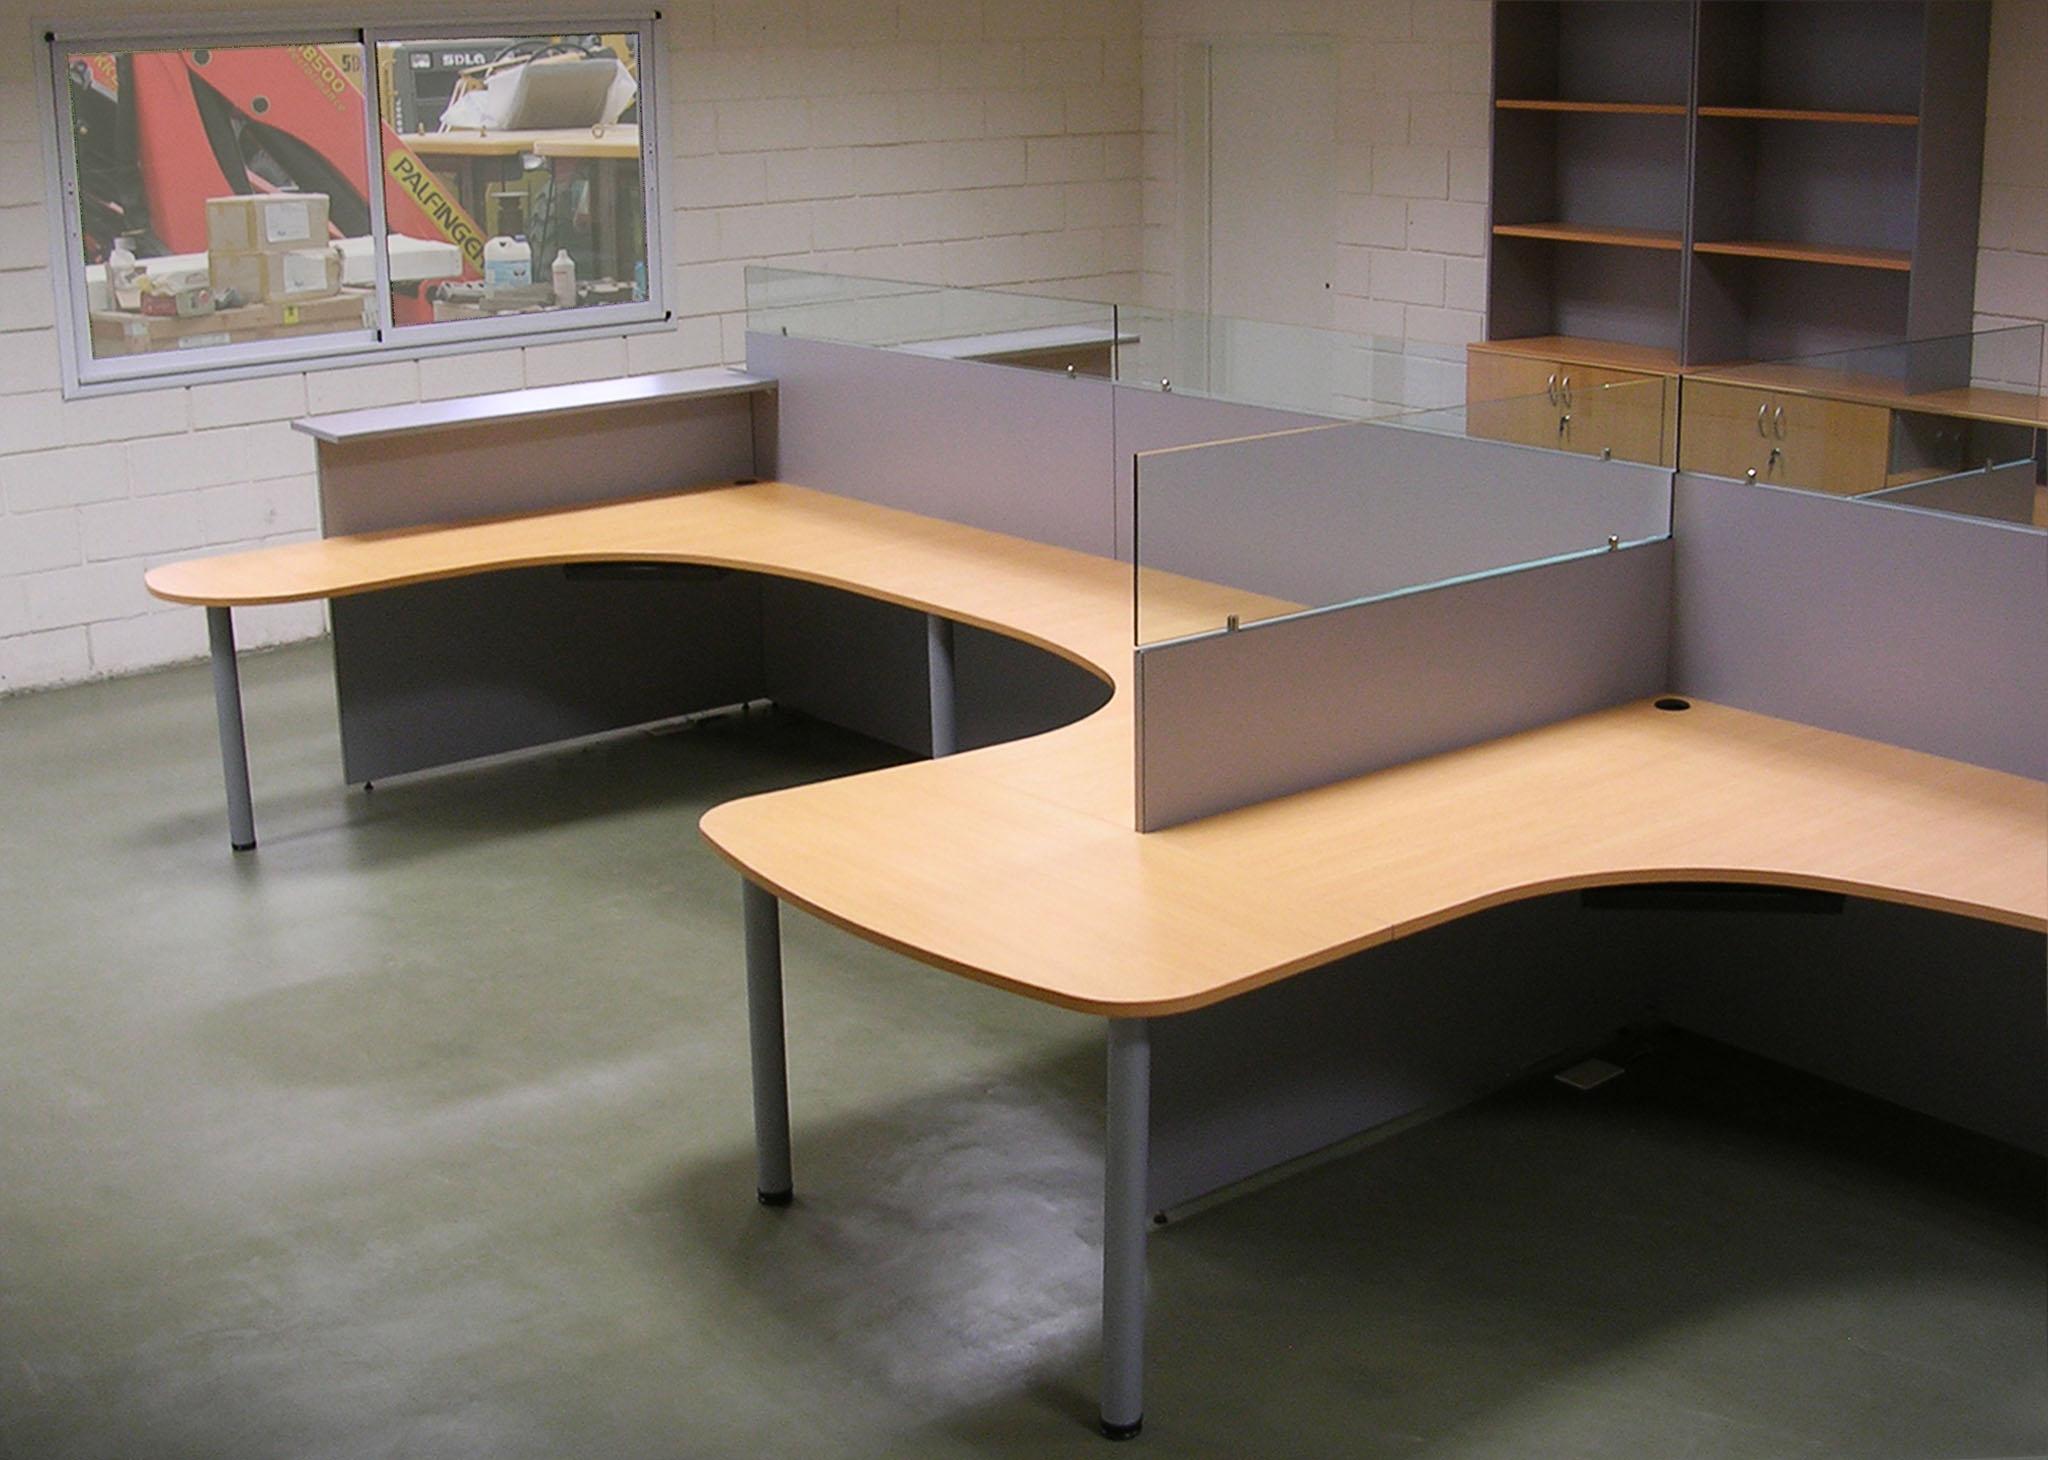 Productos ima muebles de oficina for Muebles de oficina 77